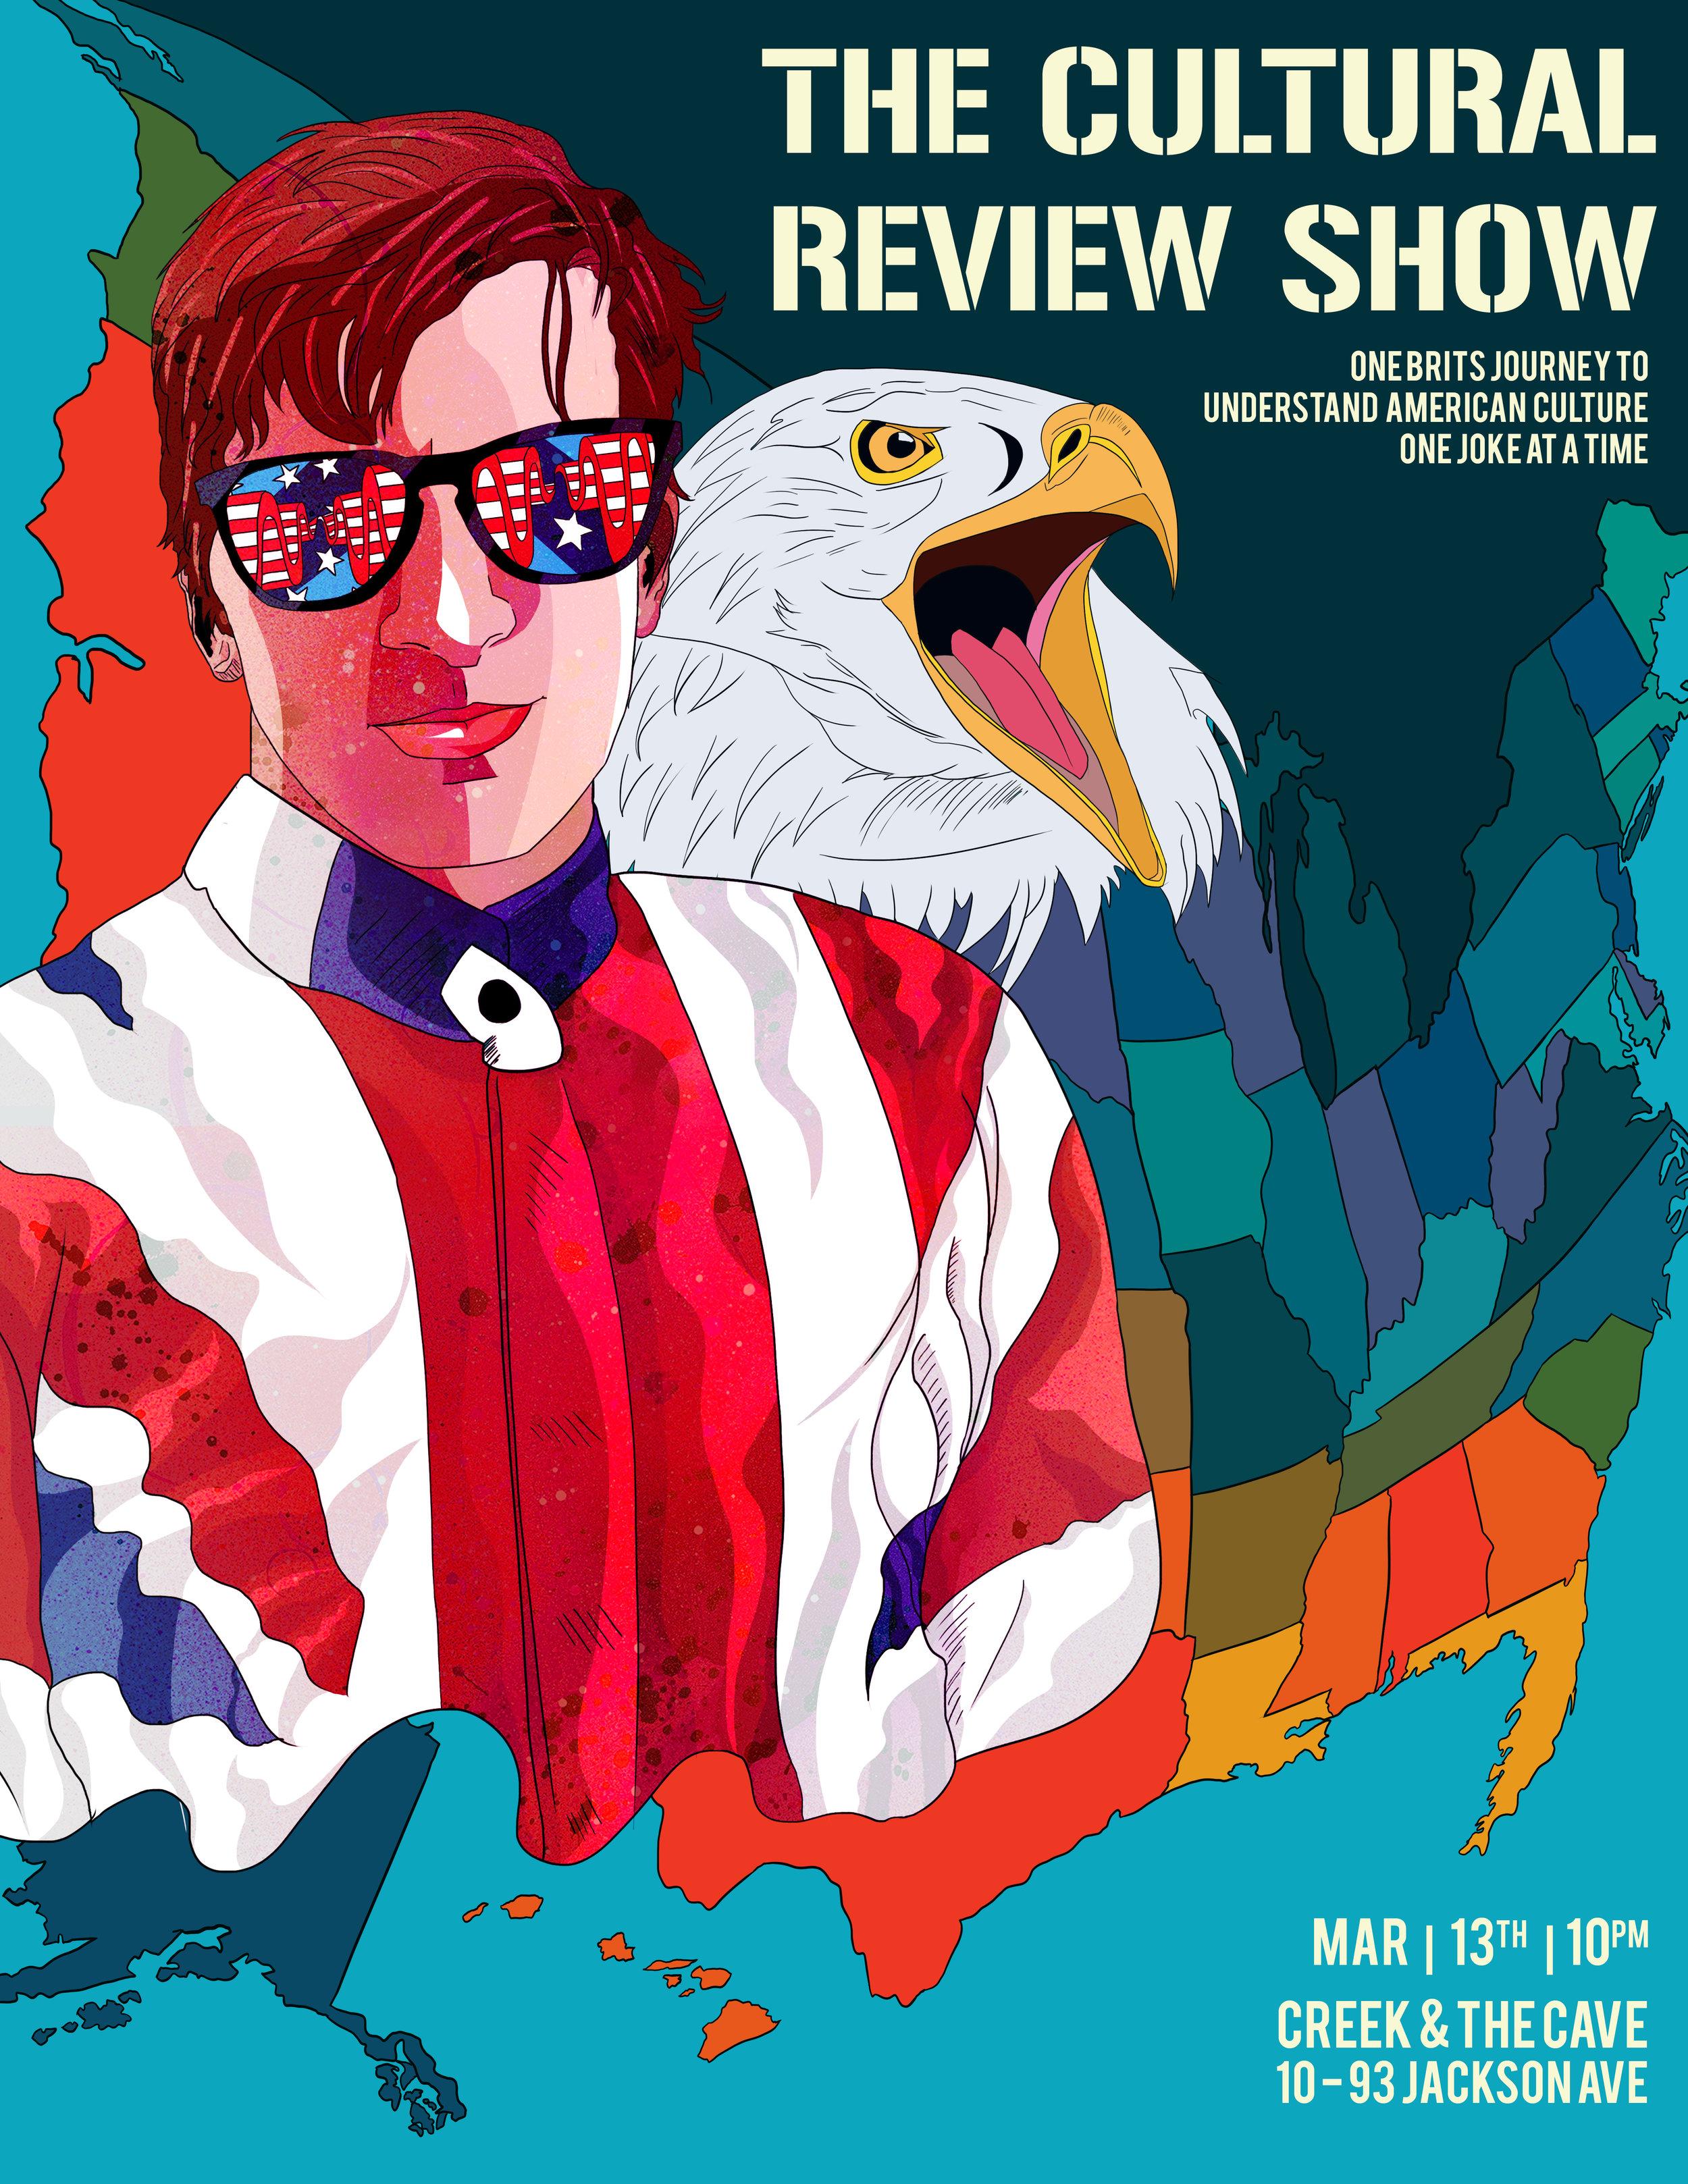 culturalreviewshow.jpg